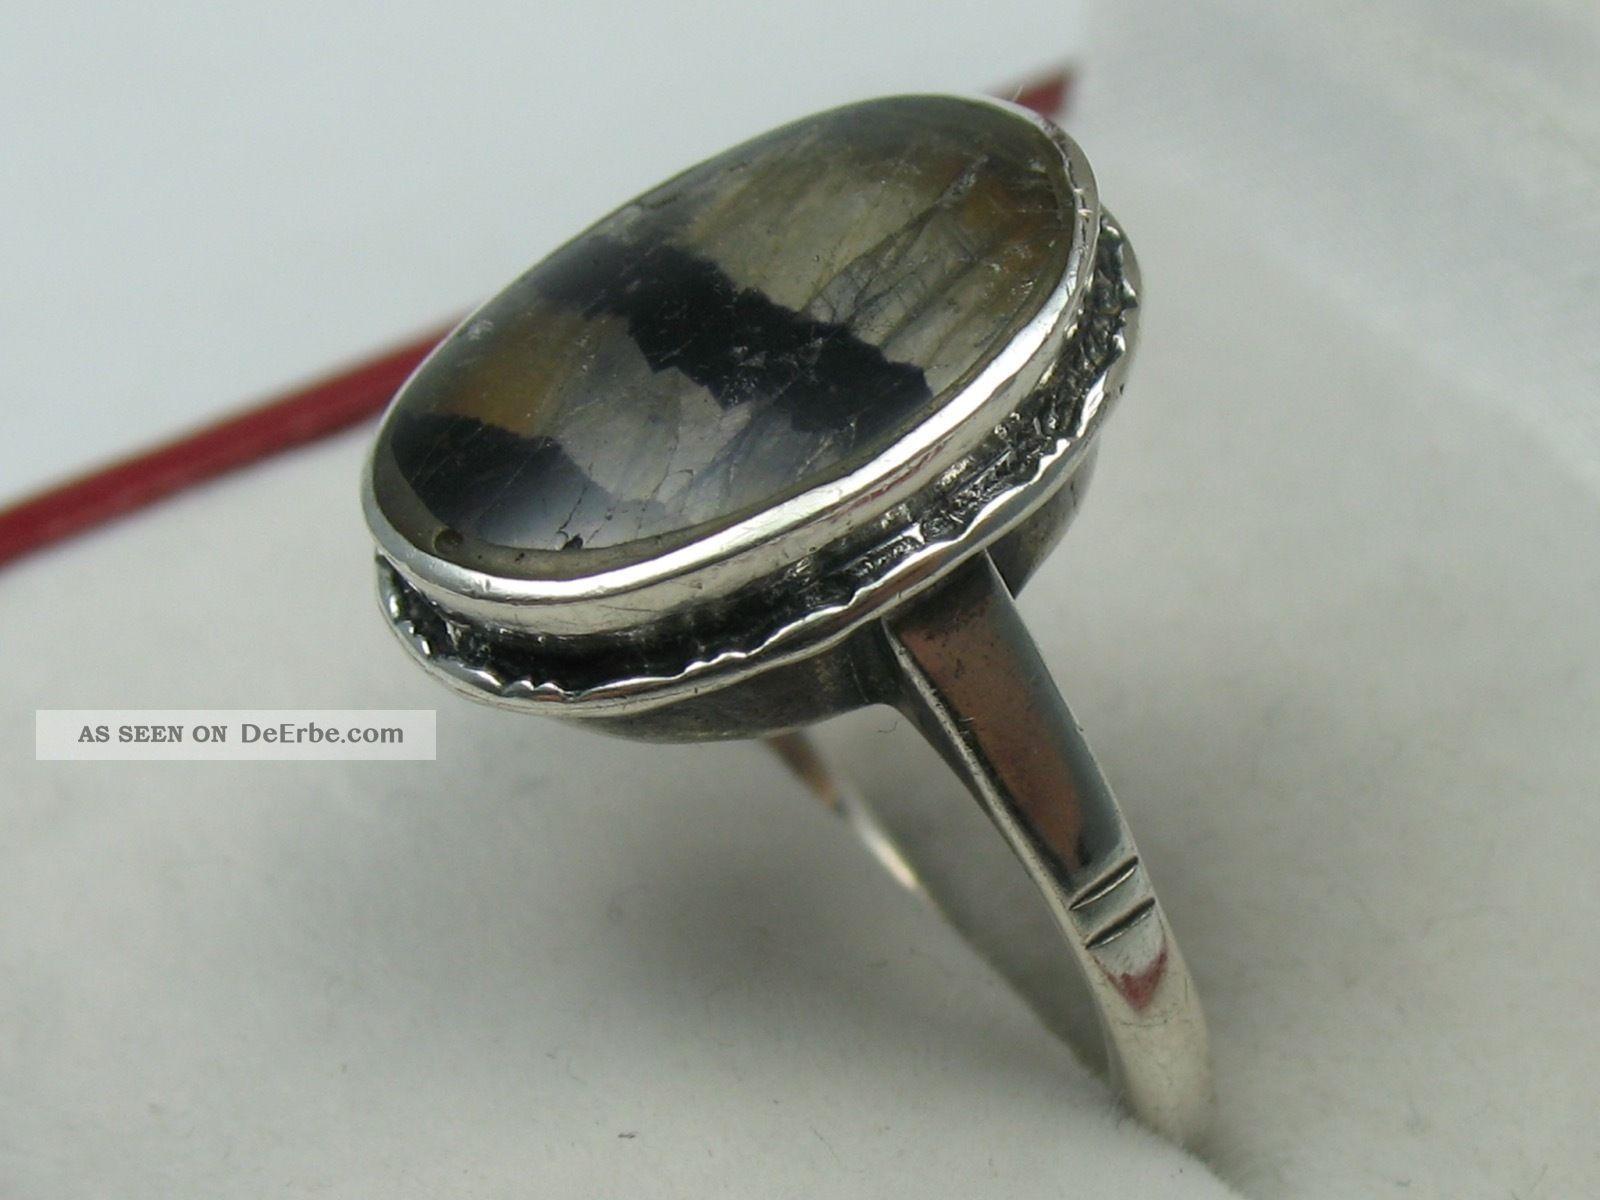 Sehr Schöner Alter Ring Um 1930 Aus Silber Mit Fluorit Ringe Bild